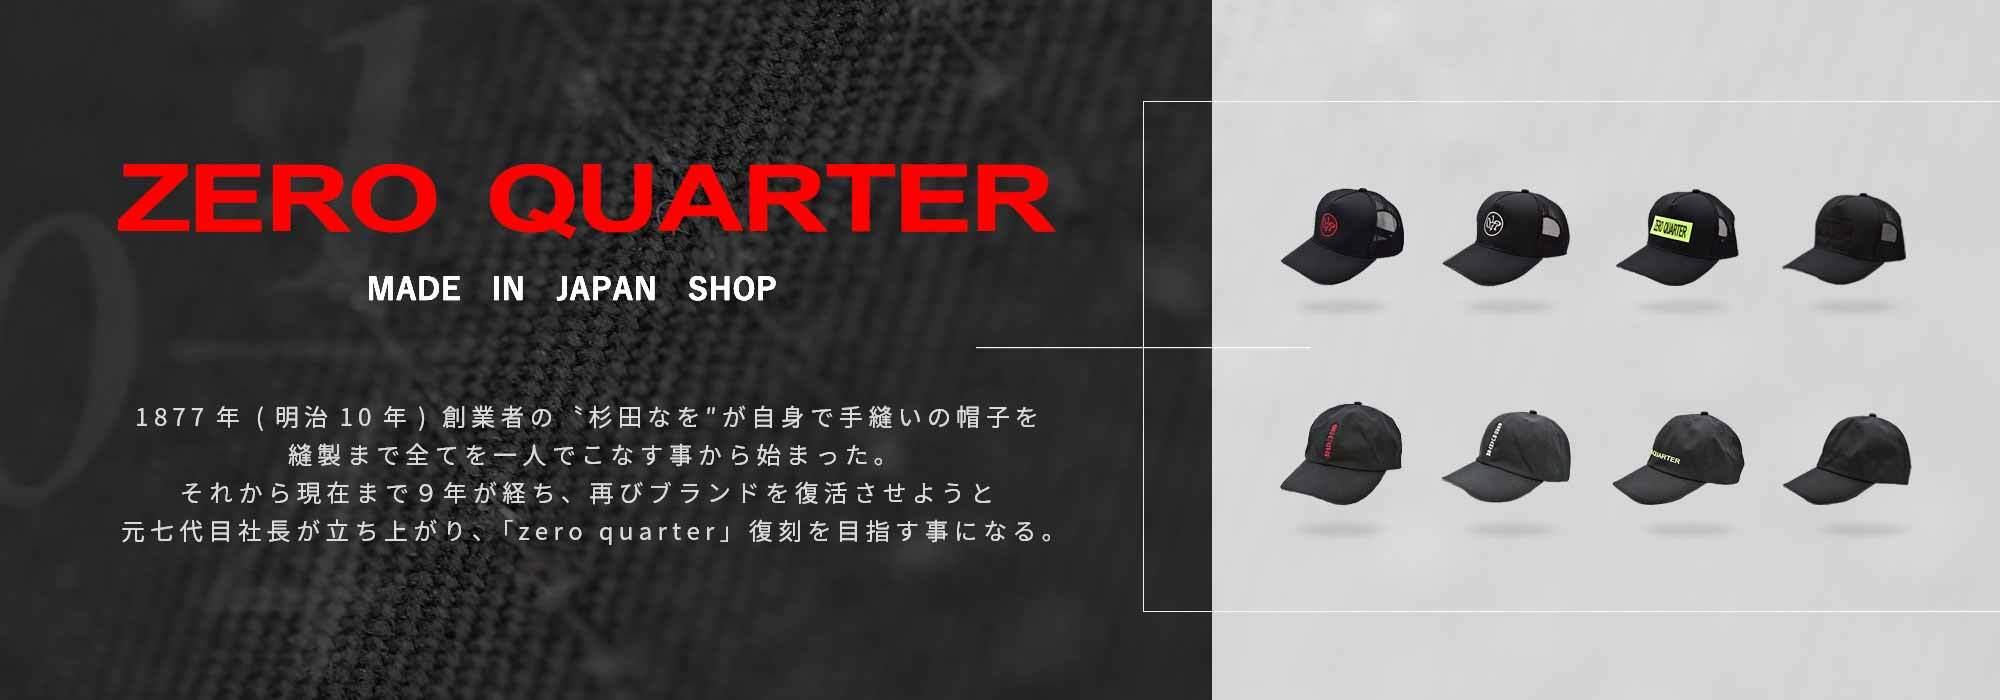 こだわりのMade in japan 職人による手作業で作り上げる帽子をその手に。ZERO QUARTER MAIDE IN JAPAN SHOP